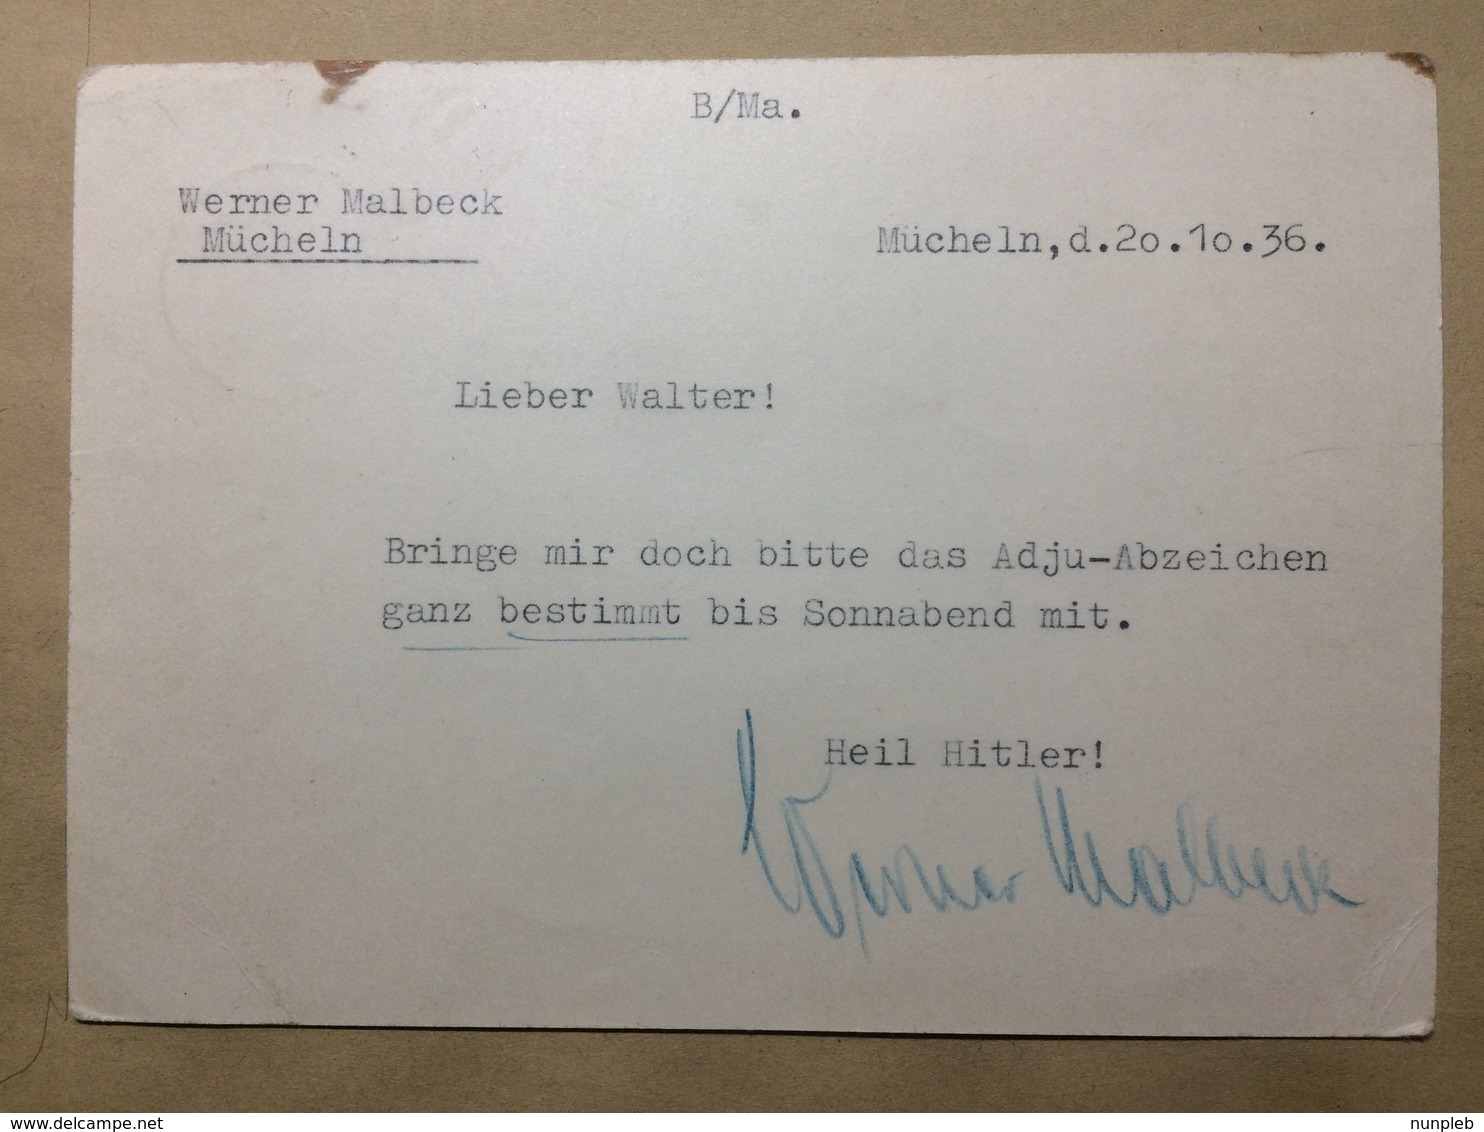 GERMANY - 1936 Postcard Mi P 263 Winterhilfswerk Spatenstich Autobahn - Munchen To Mucheln-Neubiendorf - Allemagne